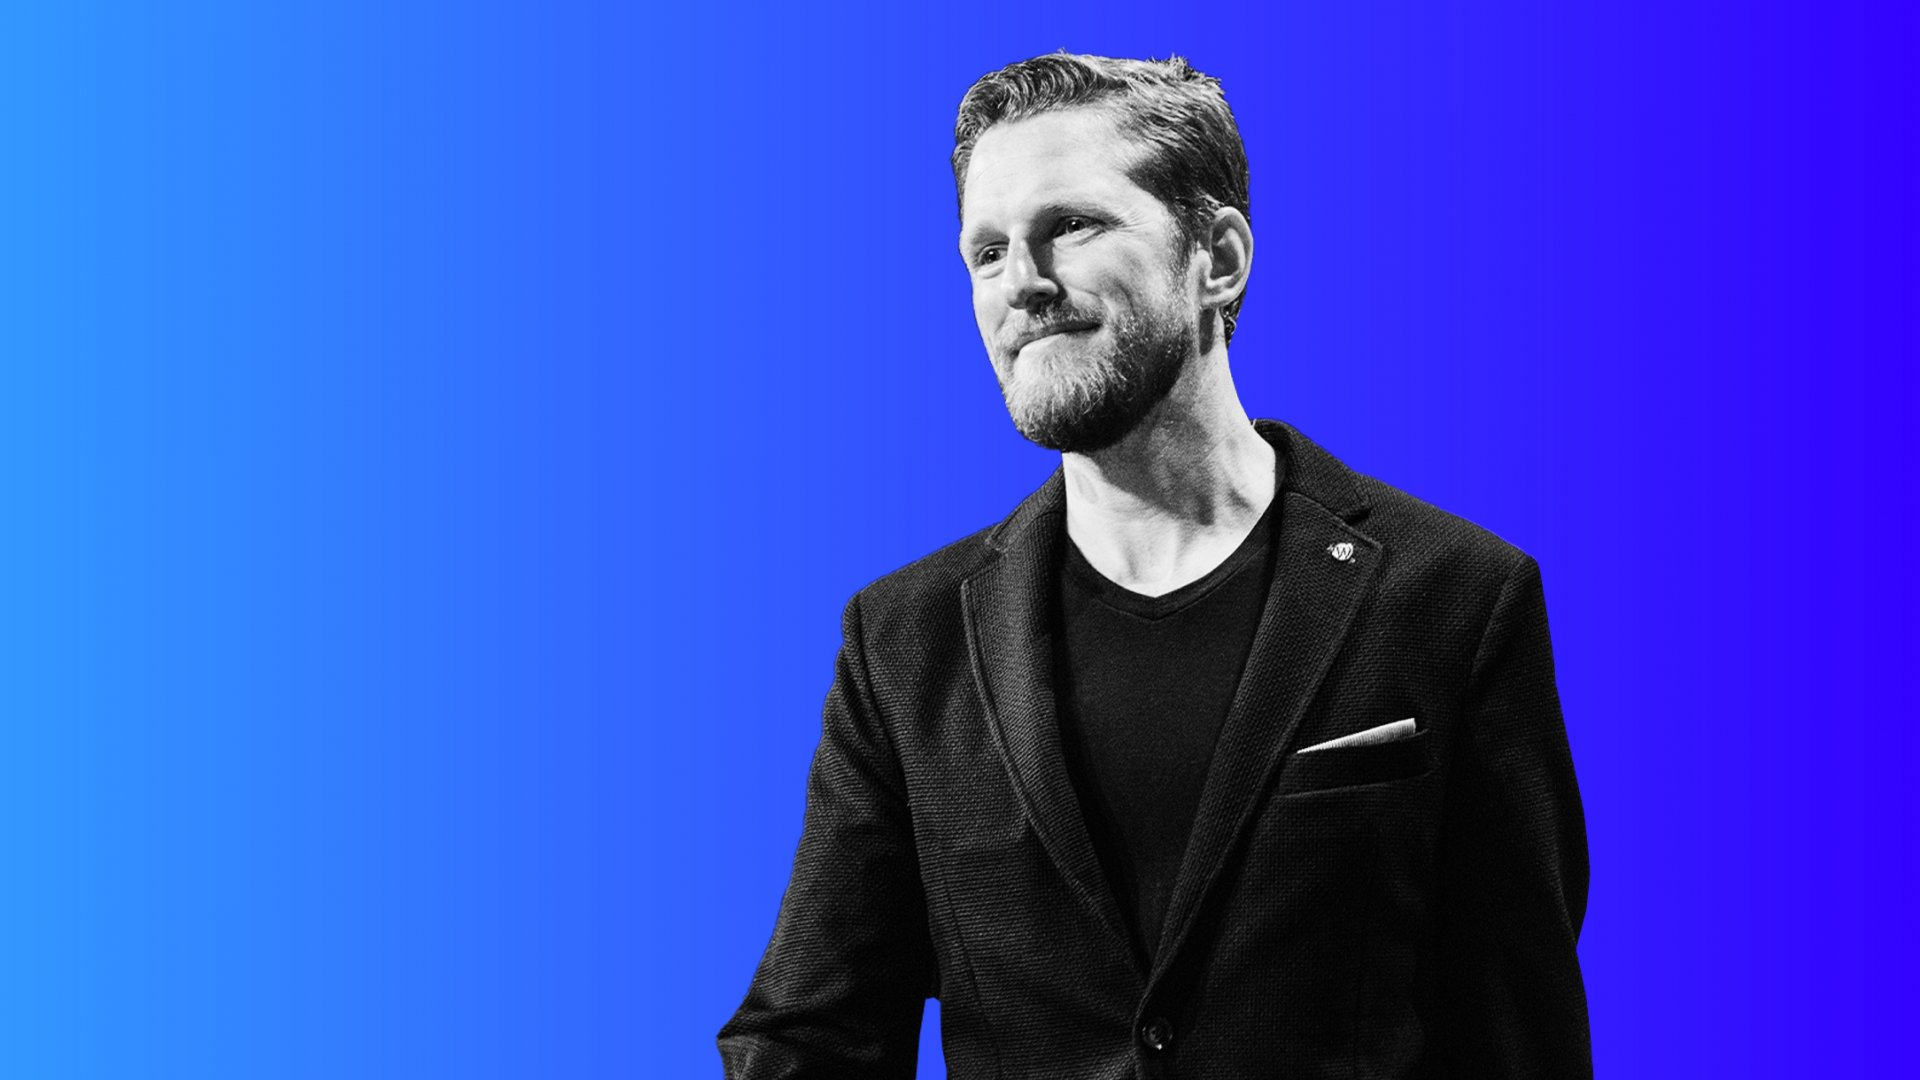 Serial entrepreneur Matt Mullenweg